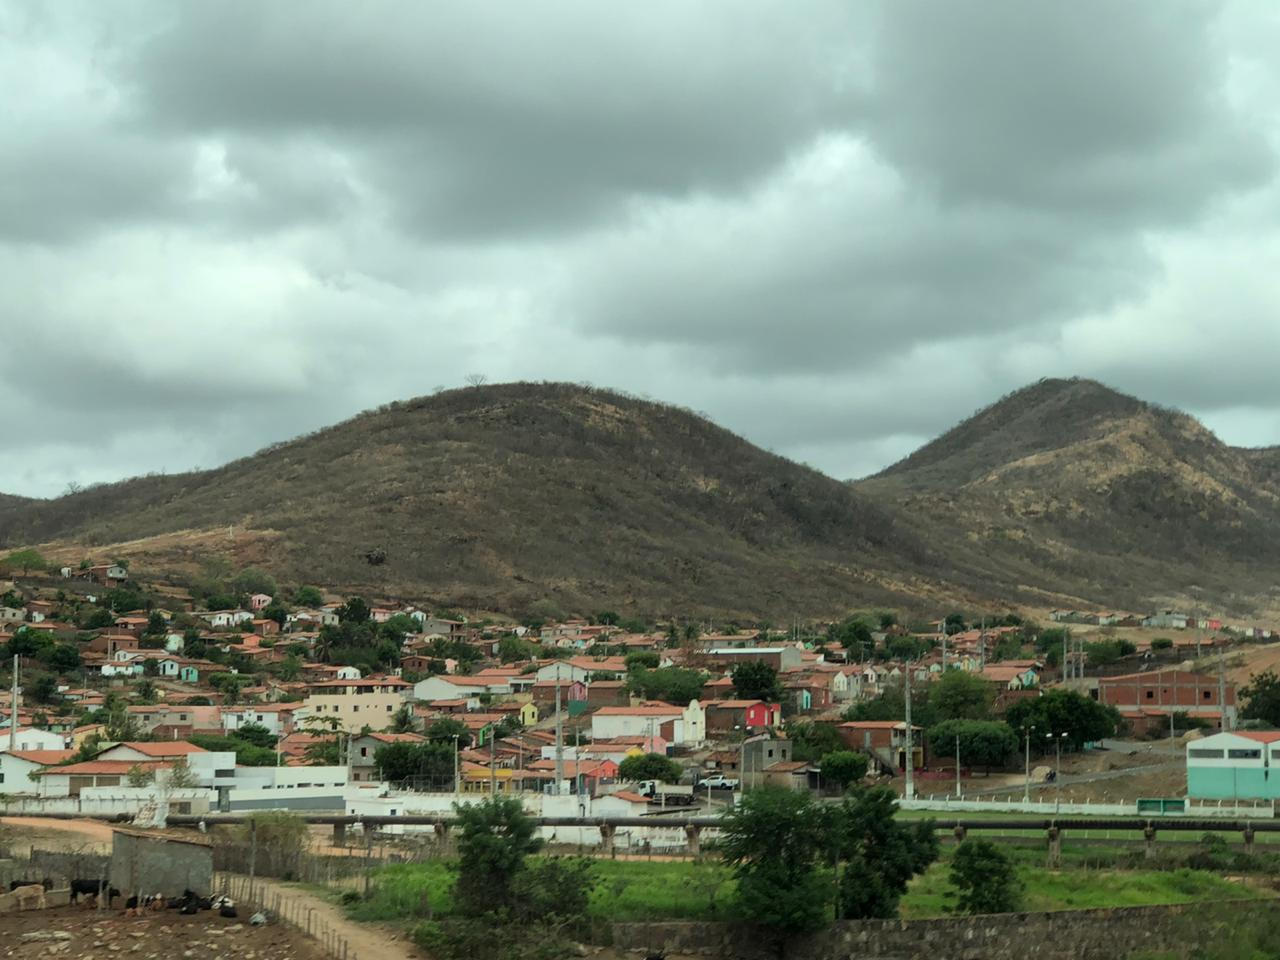 Cariri está entre as macrorregiões com chances de chuva neste início de semana (FOTO: Marciel Bezerra)